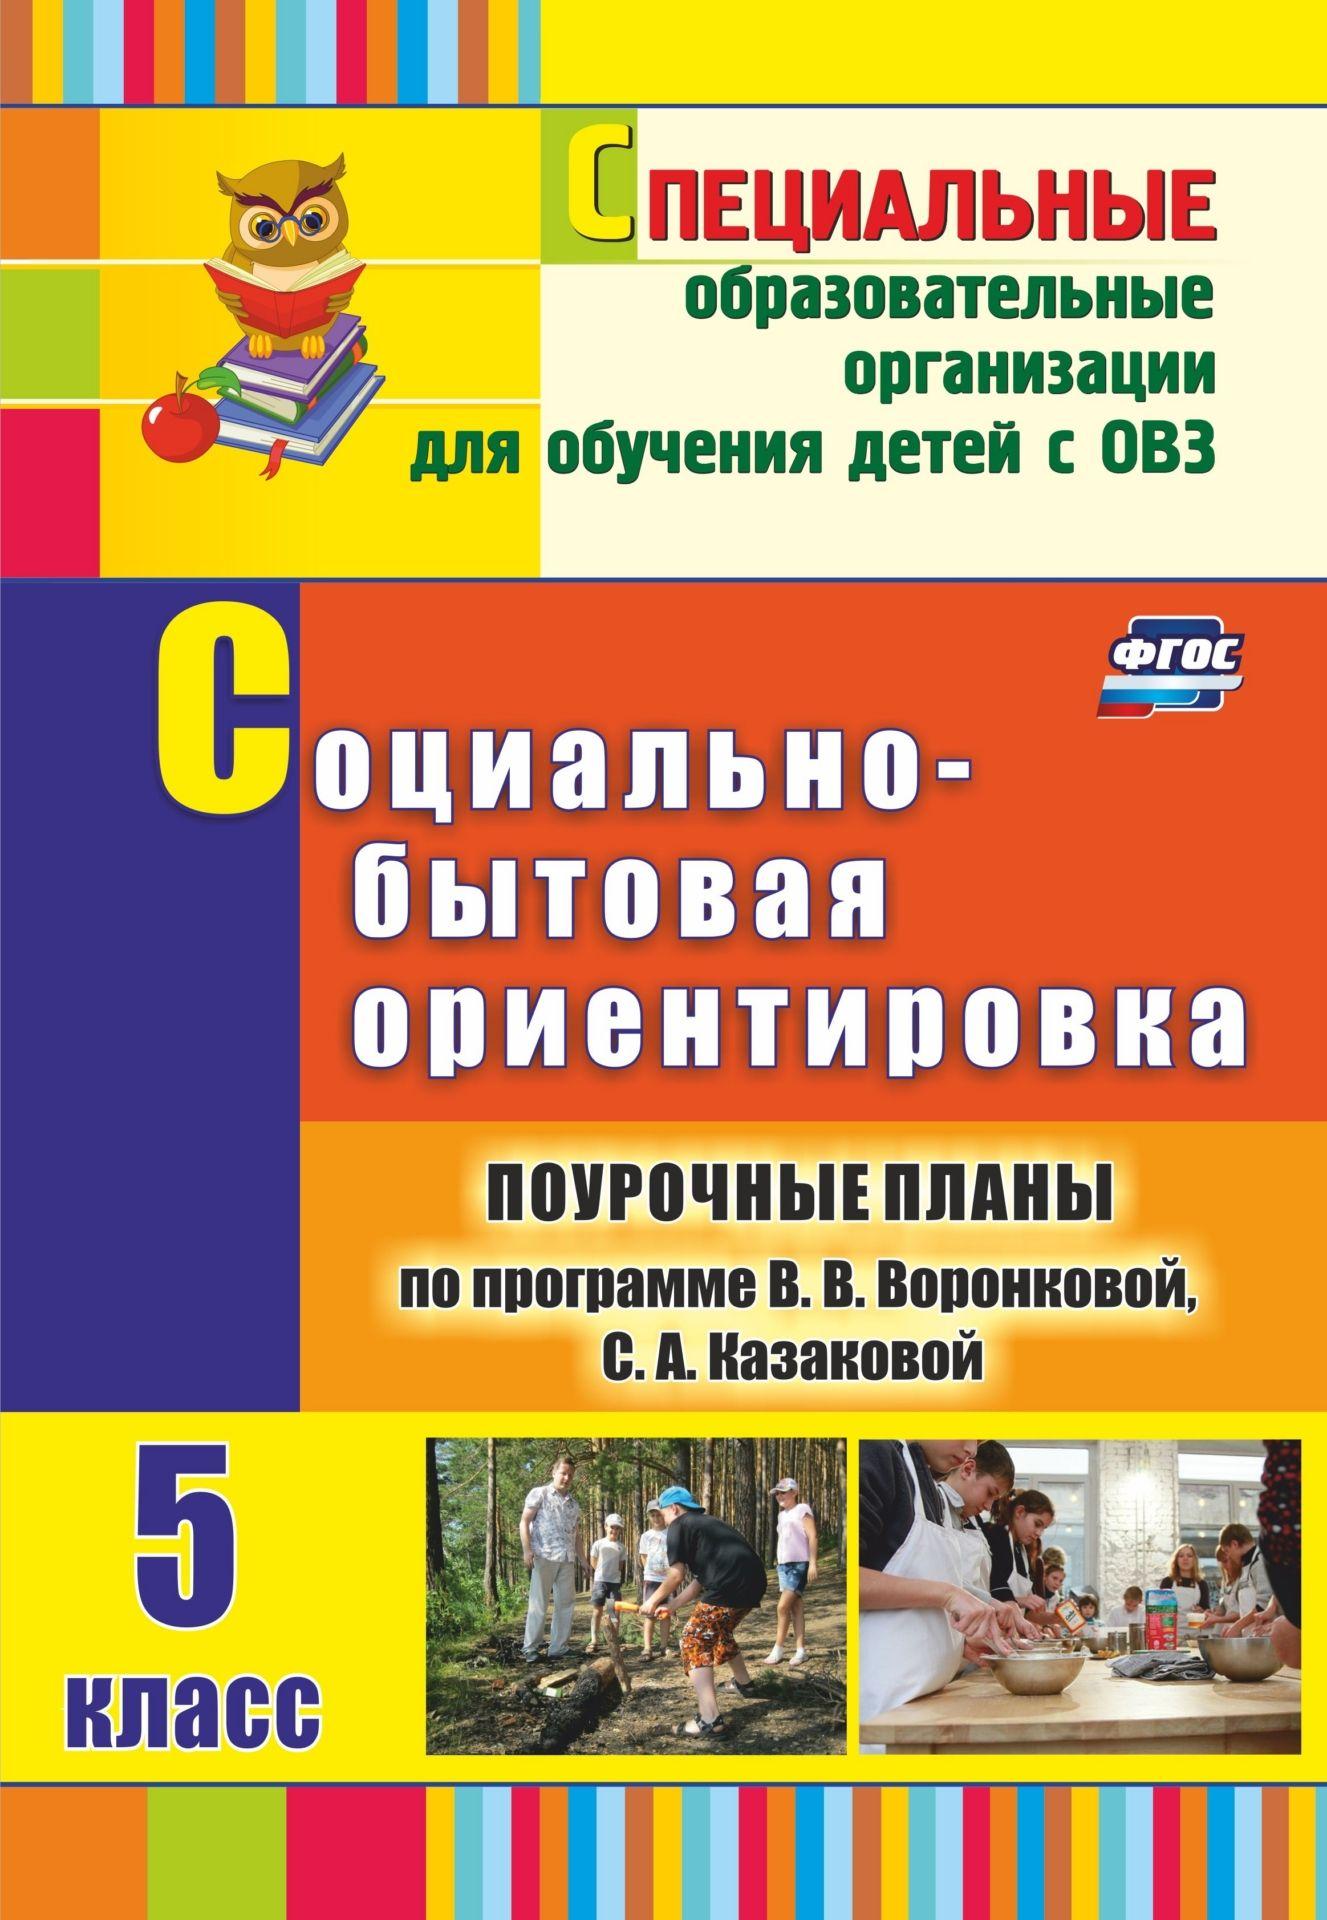 Социально-бытовая ориентировка. 5 класс: поурочные планы по программе В. Воронковой, С. А. Казаковой